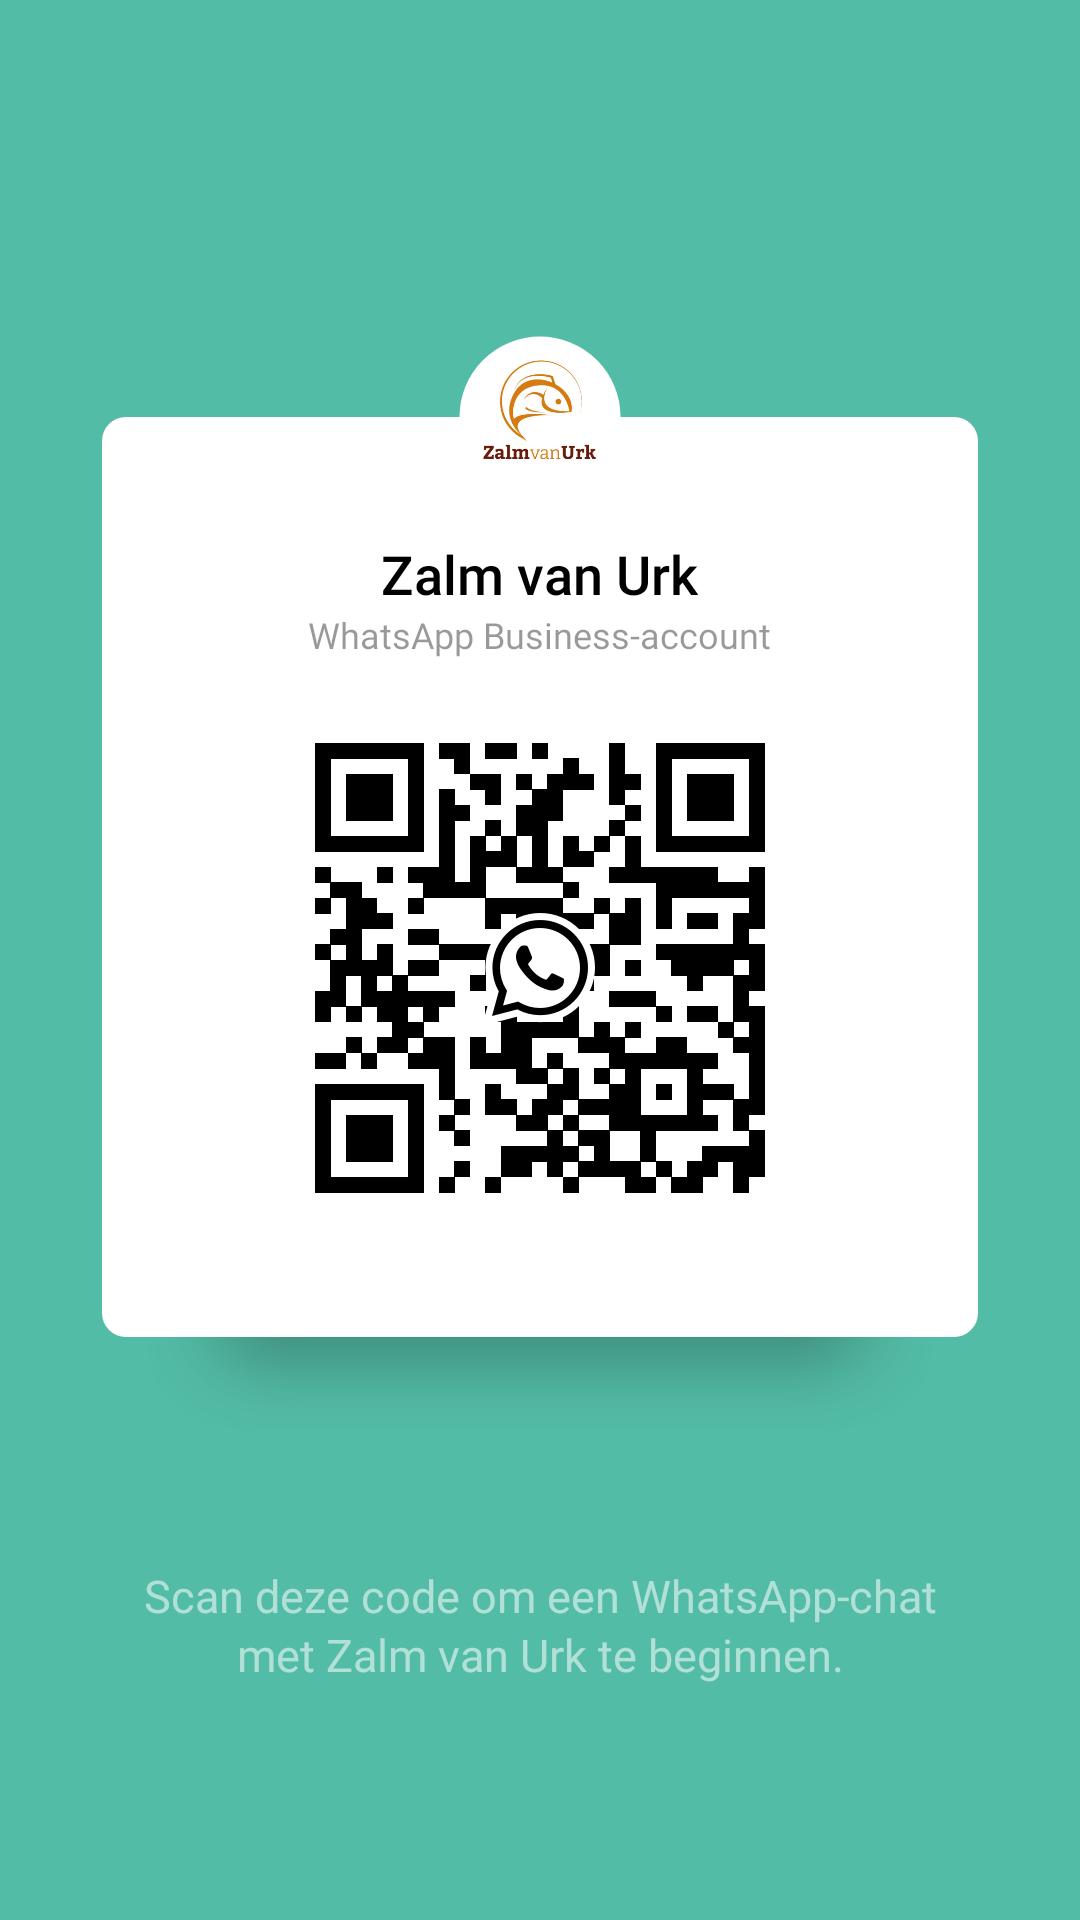 Contact Zalm van Urk